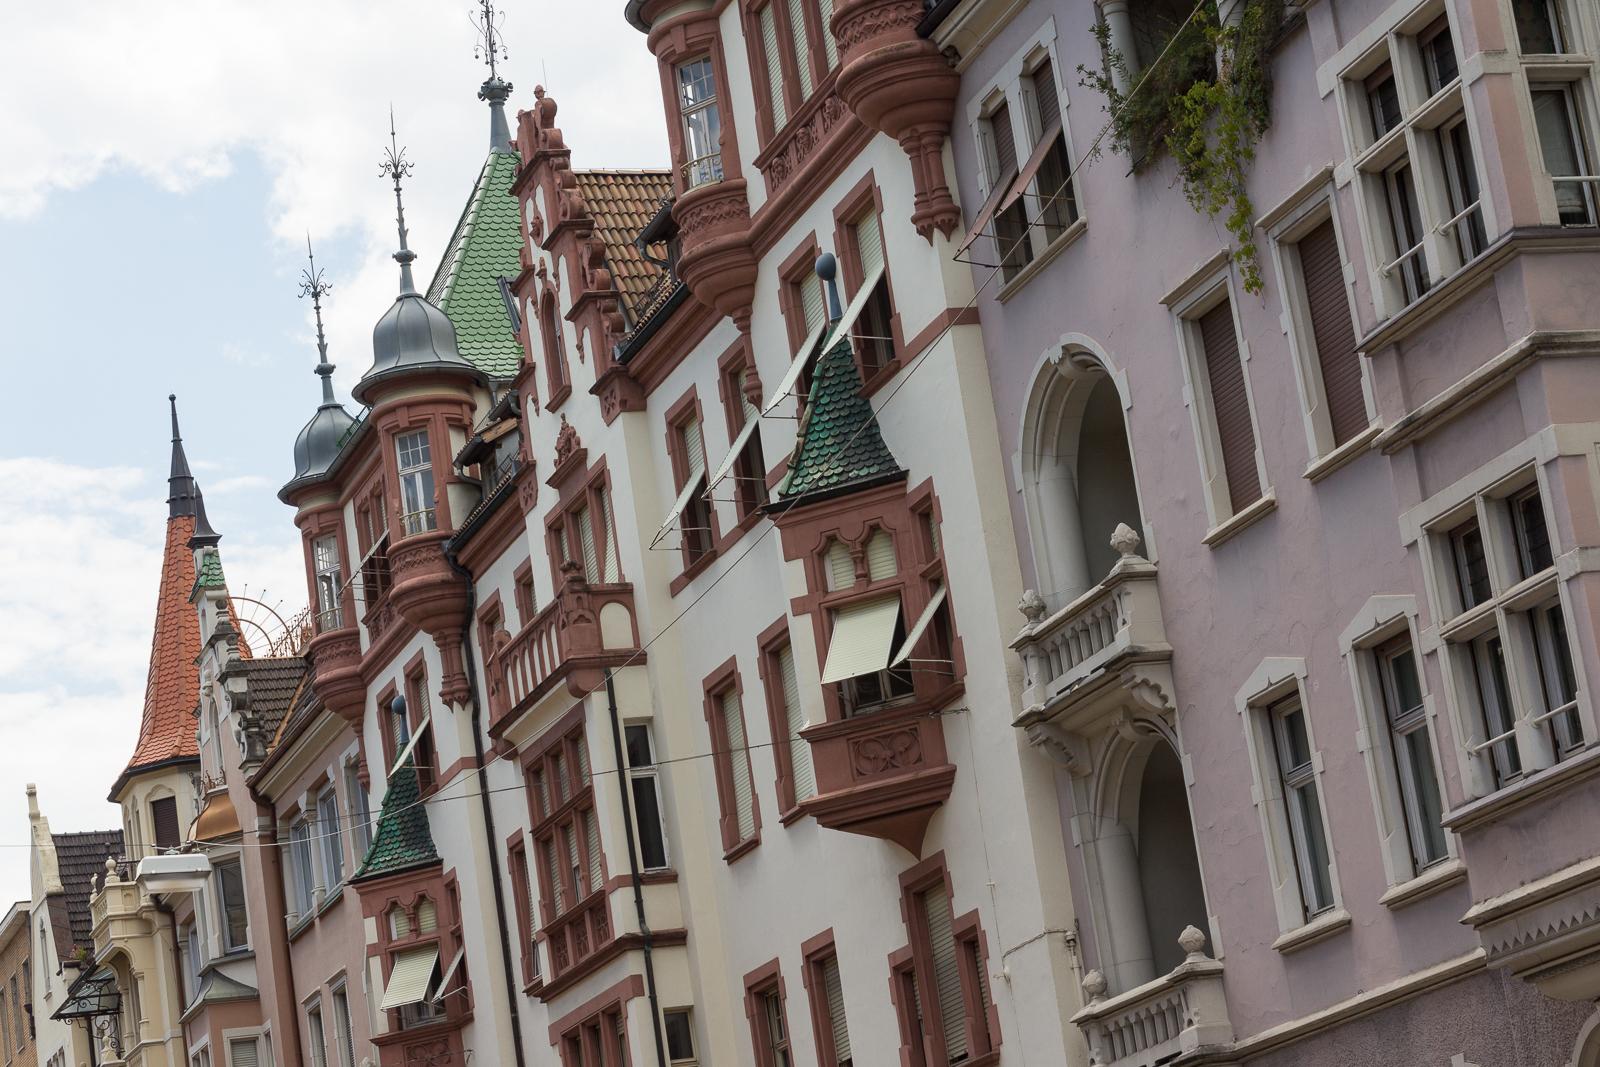 Bolzano - Bosen facades